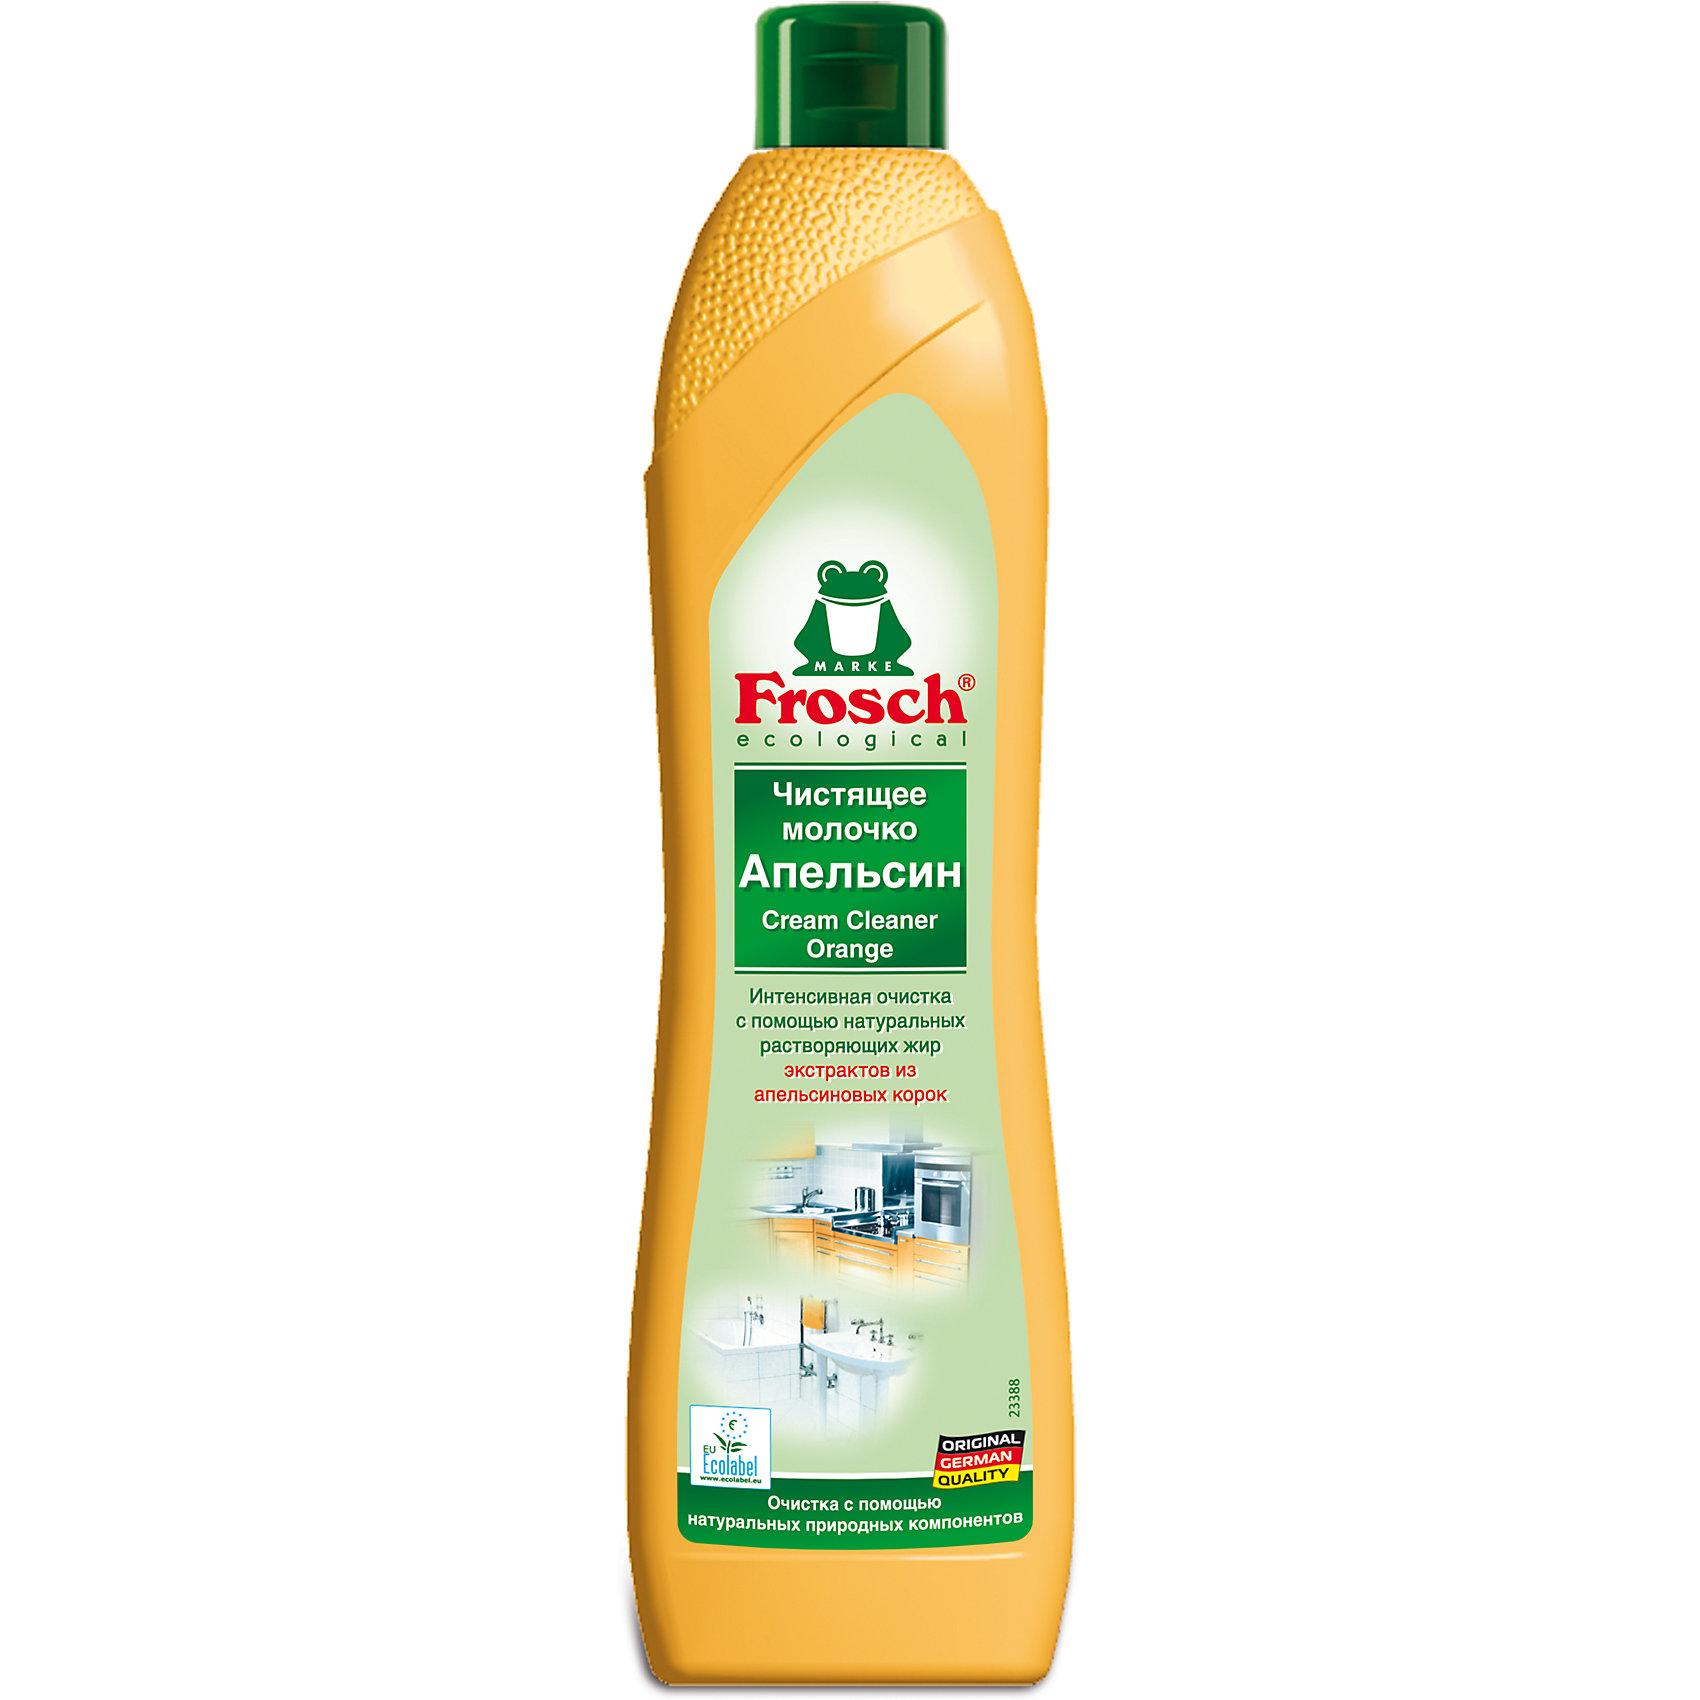 Чистящее молочко апельсин, 0,5 л., Frosch (-)